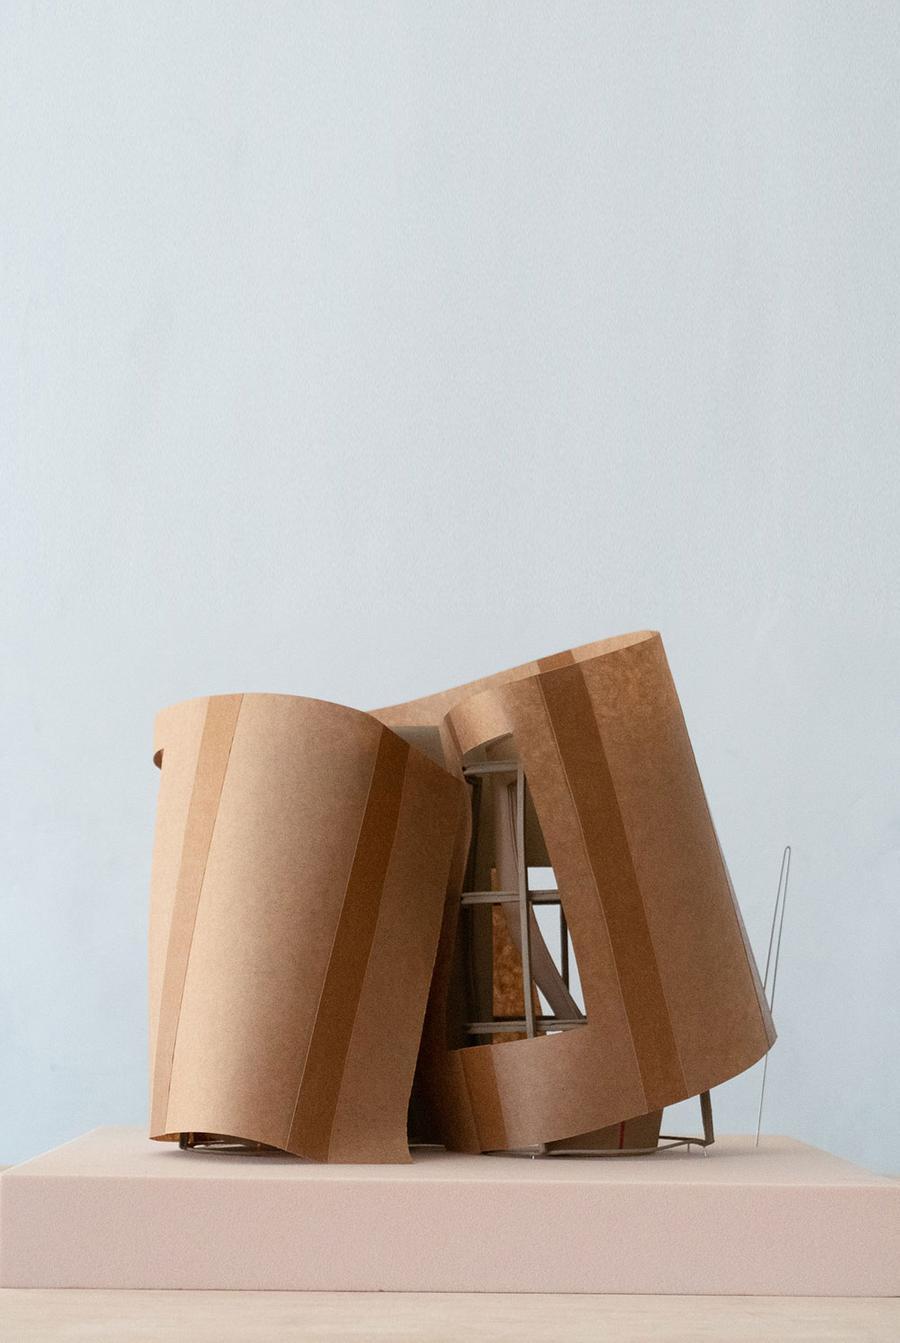 architecture model cardboard